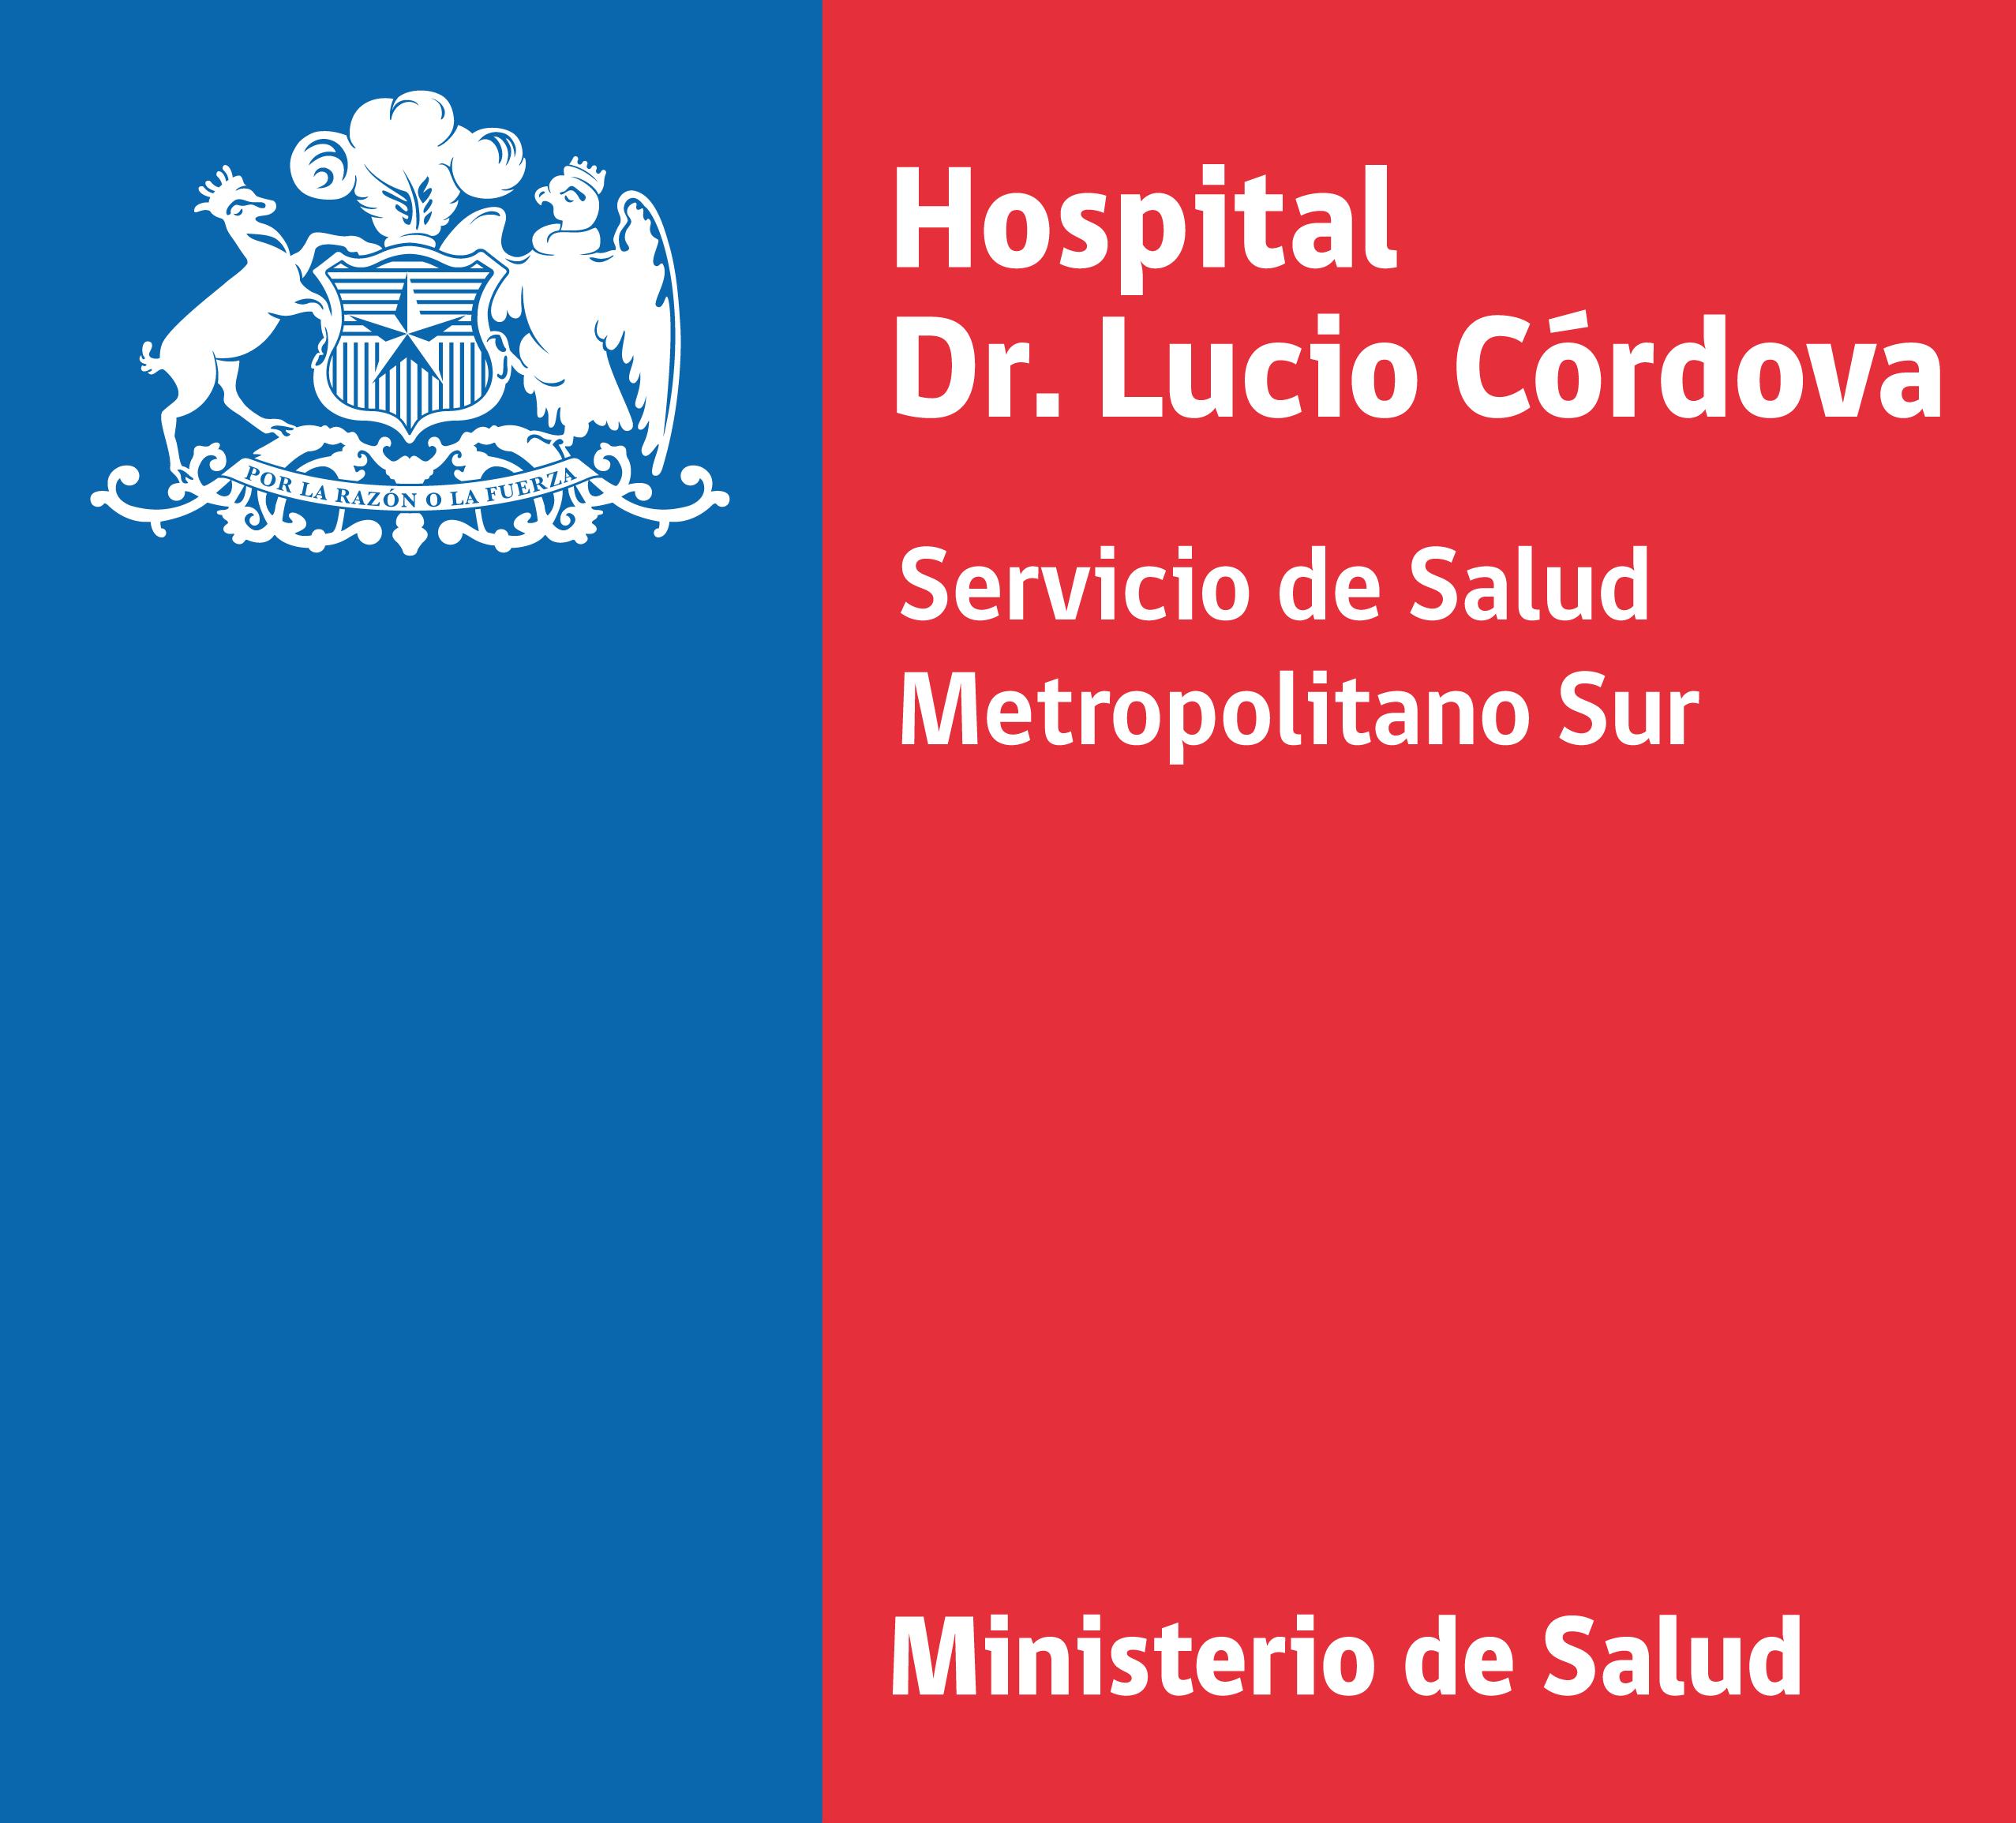 Hospital Dr. Lucio Cordova